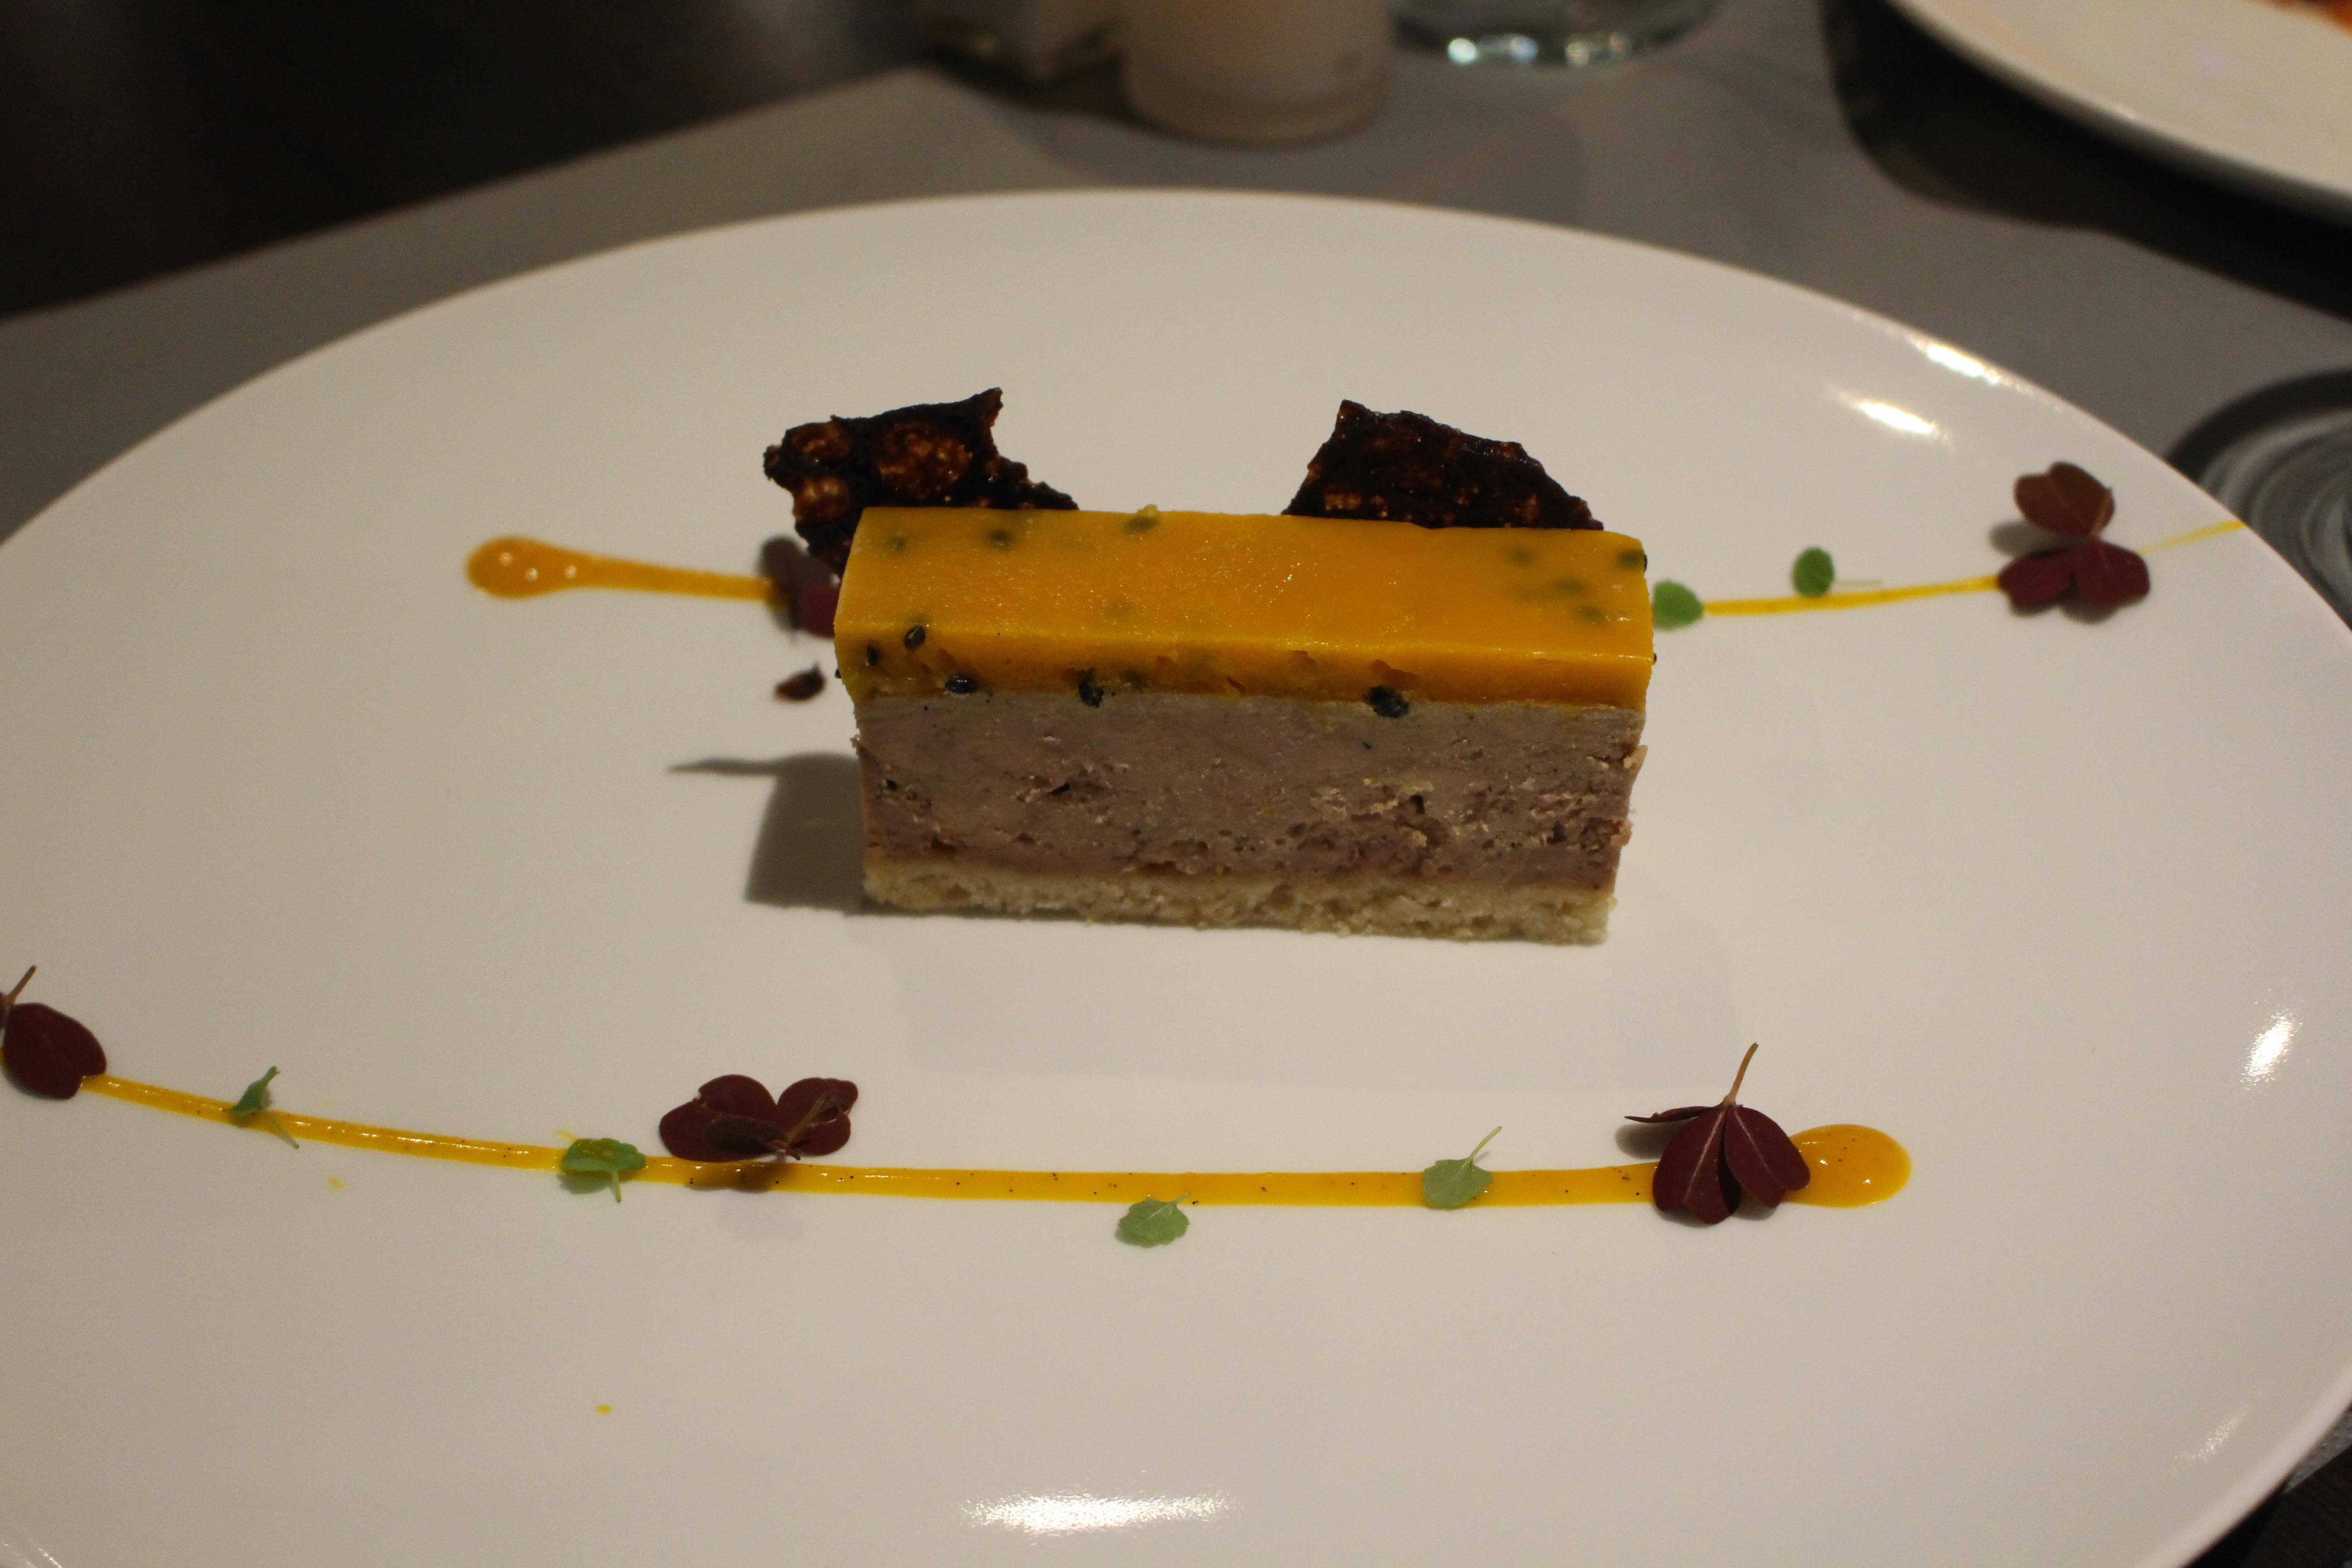 Foie gras les bonnes adresses de justine for Decoration assiette foie gras